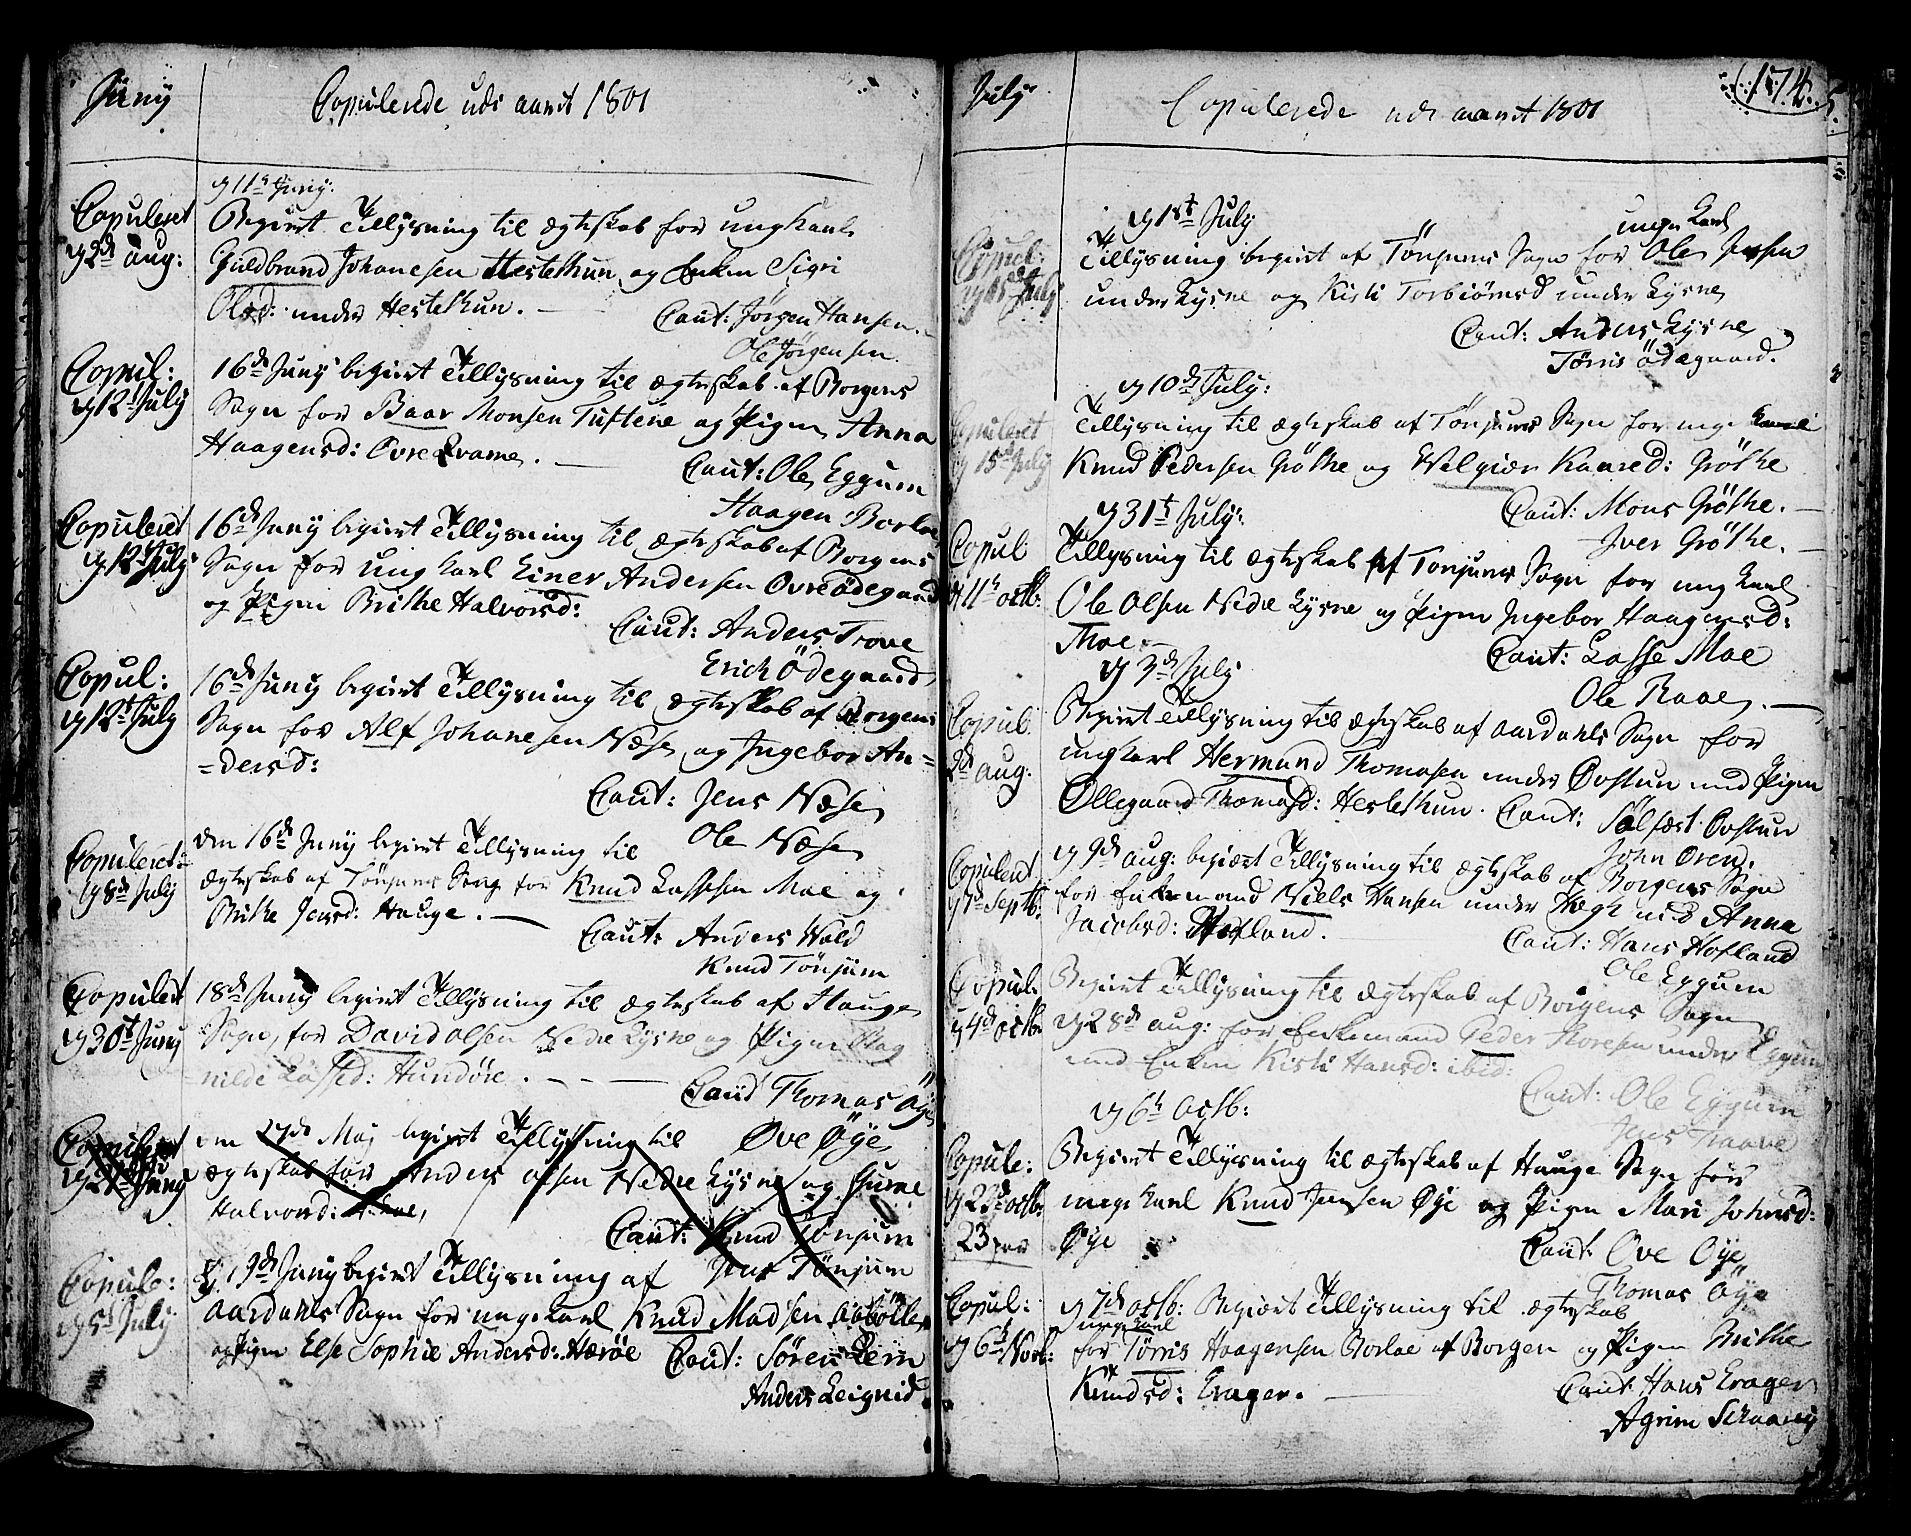 SAB, Lærdal sokneprestembete, Ministerialbok nr. A 3, 1783-1804, s. 174